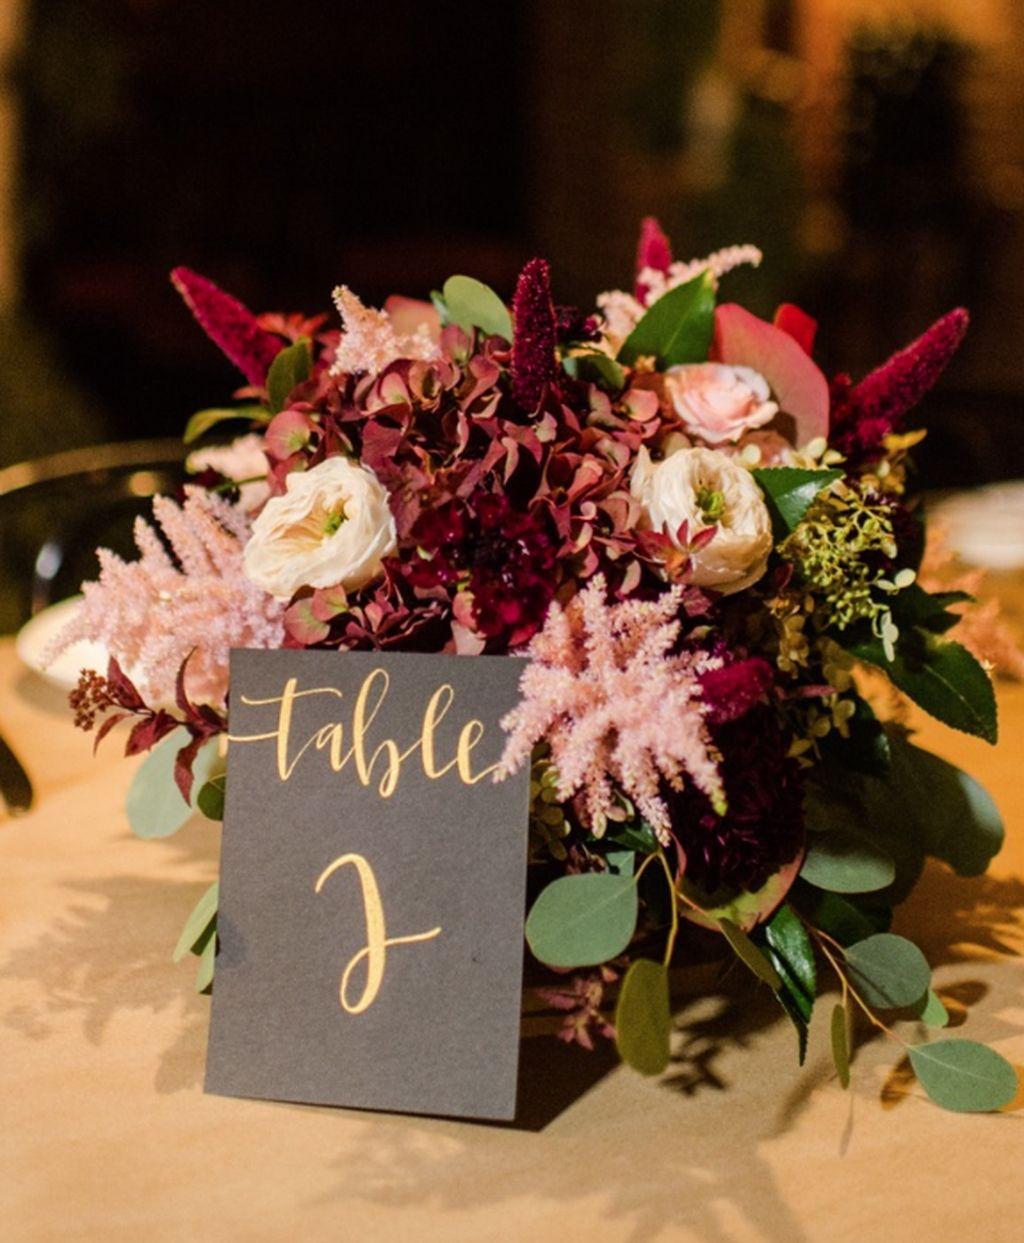 20 inspiring fall wedding centerpieces ideas wedding ideas rh pinterest com